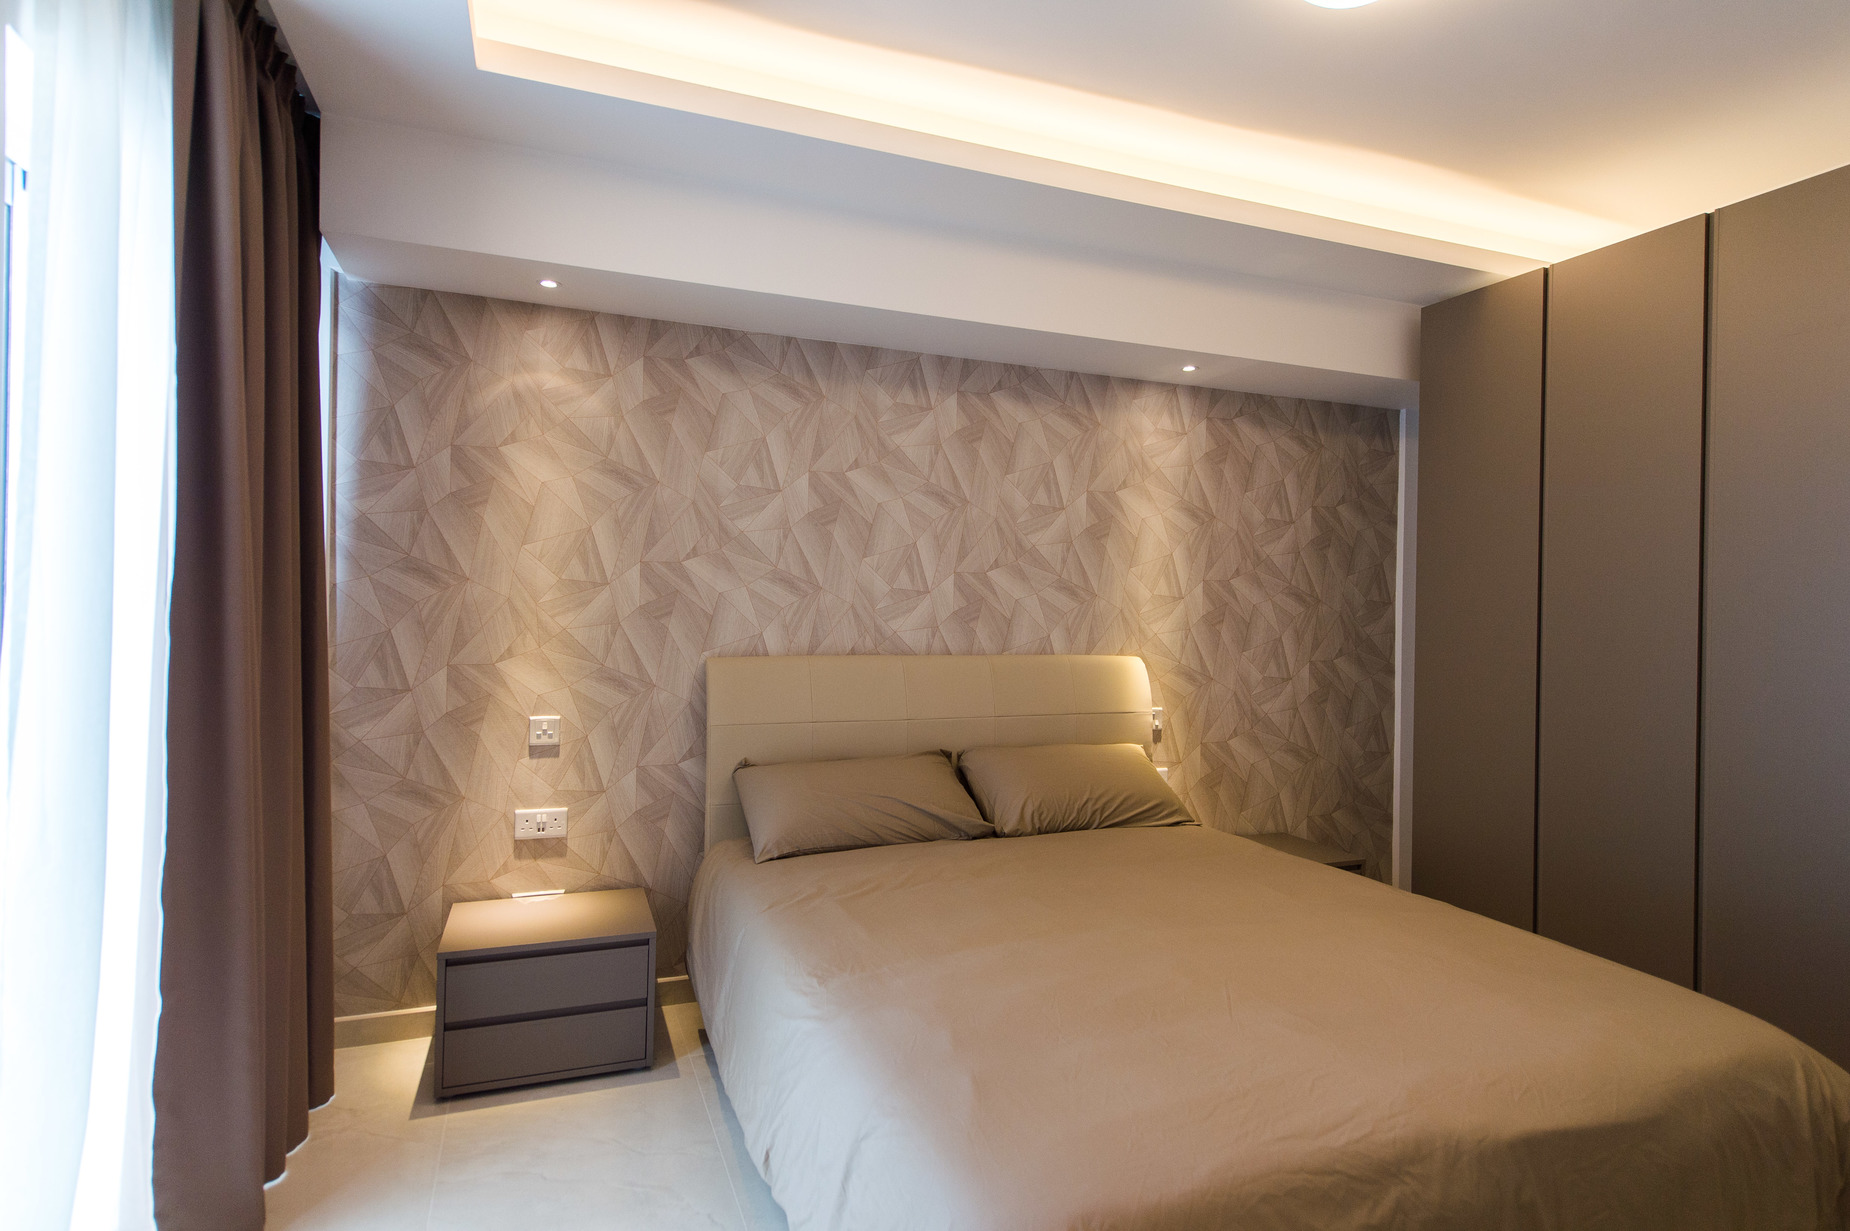 3 bed Apartment For Rent in Ta' Xbiex, Ta' Xbiex - thumb 12